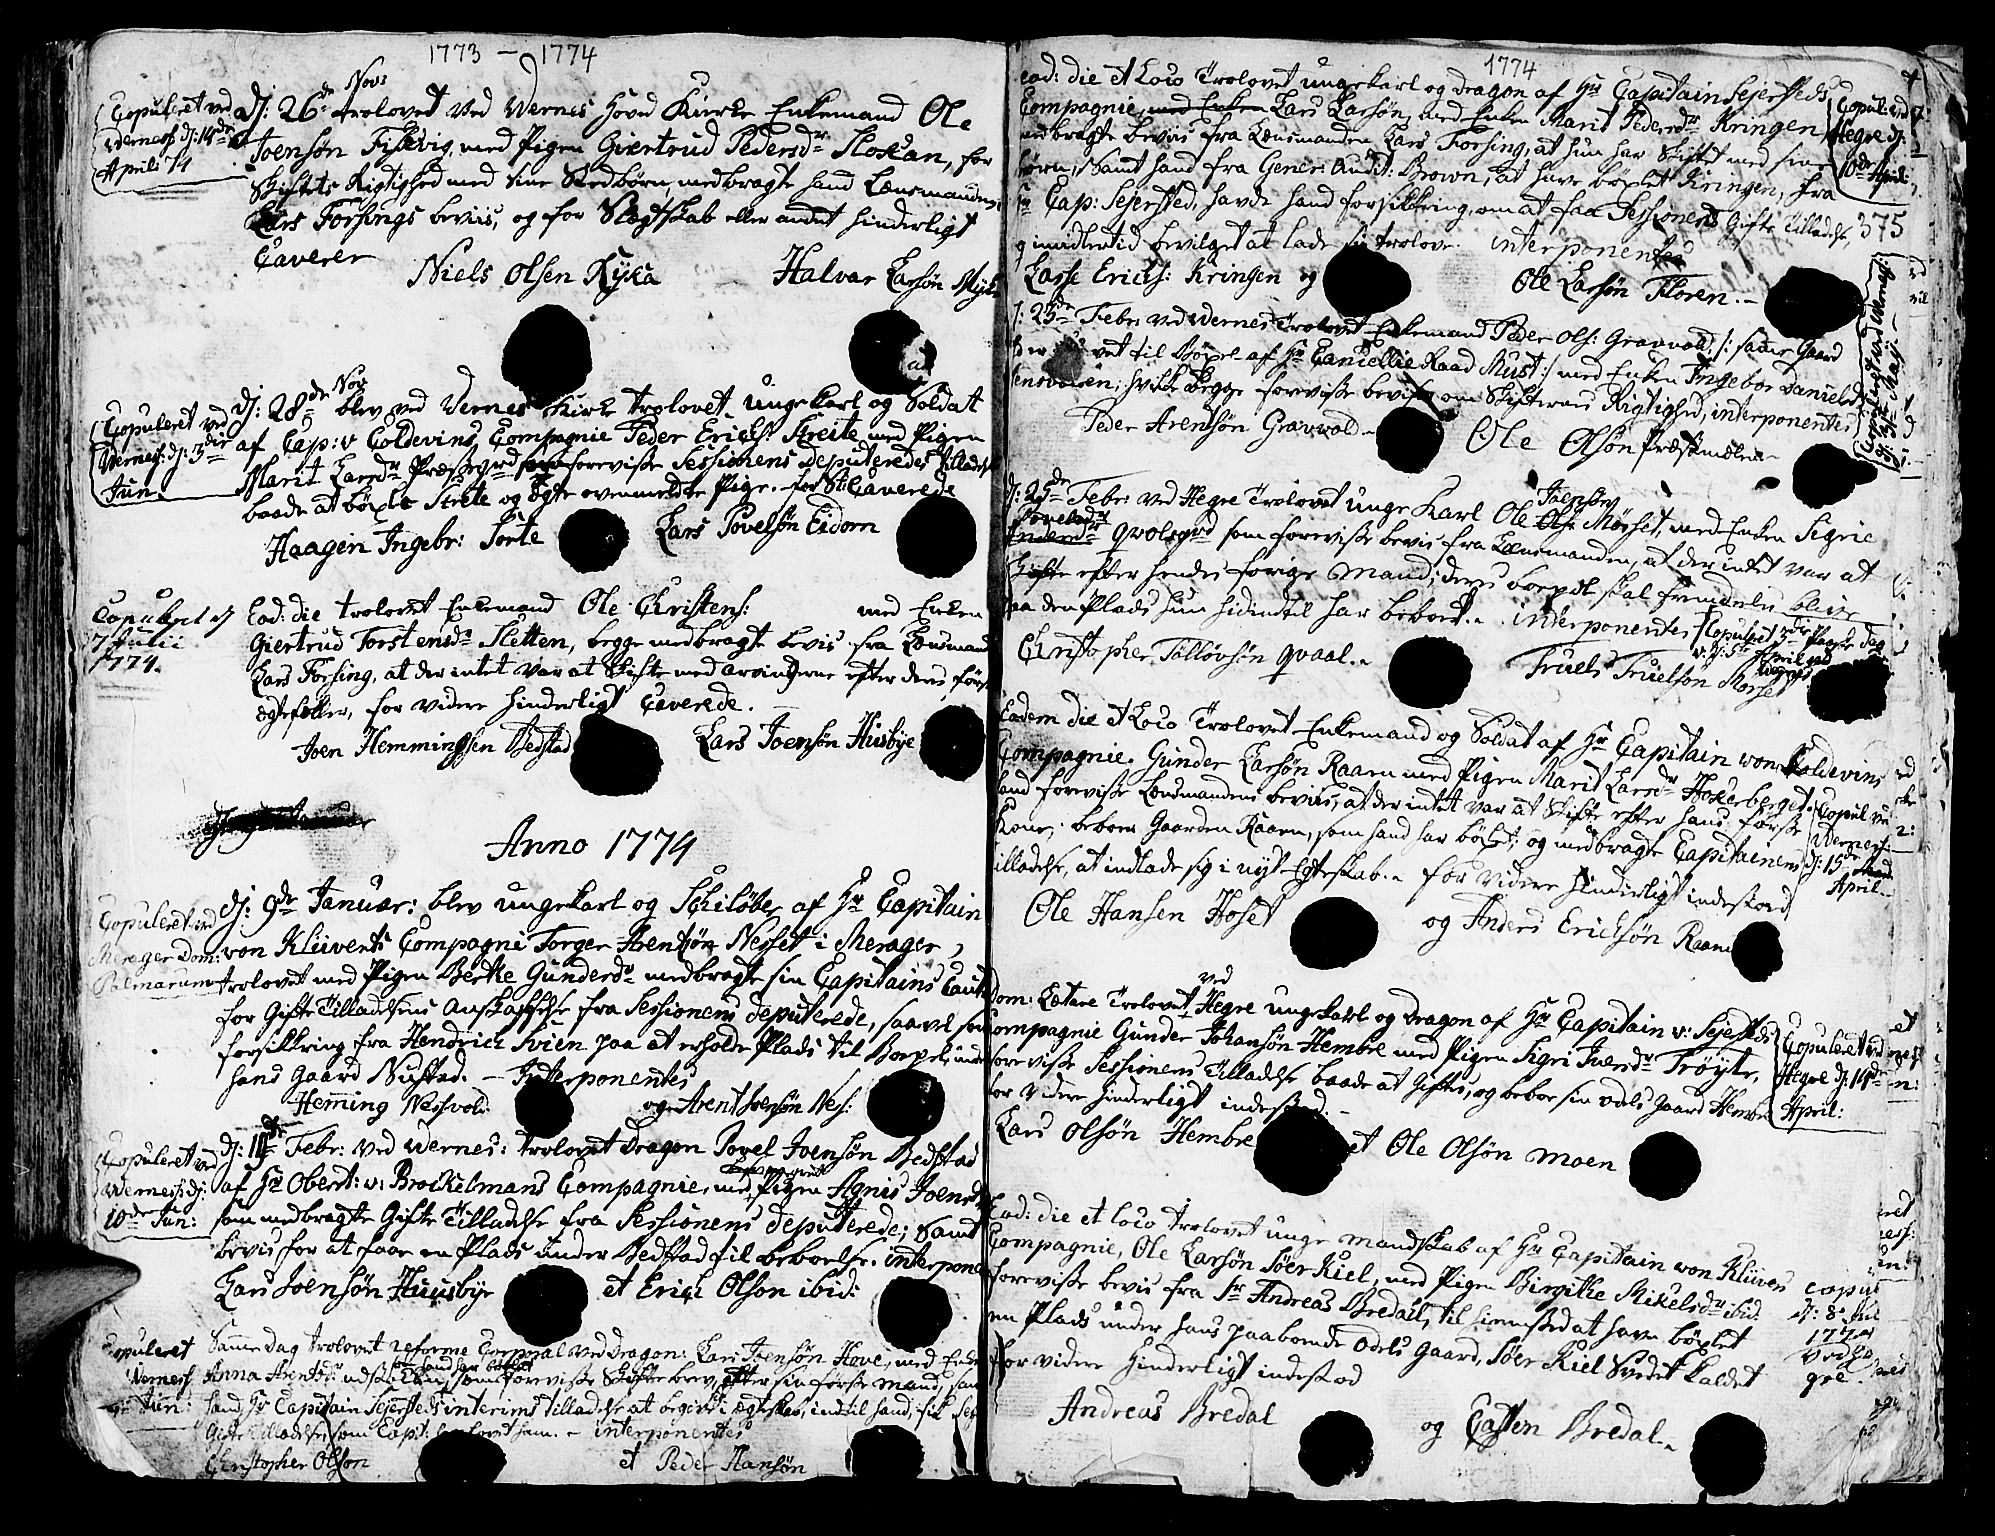 SAT, Ministerialprotokoller, klokkerbøker og fødselsregistre - Nord-Trøndelag, 709/L0057: Ministerialbok nr. 709A05, 1755-1780, s. 375